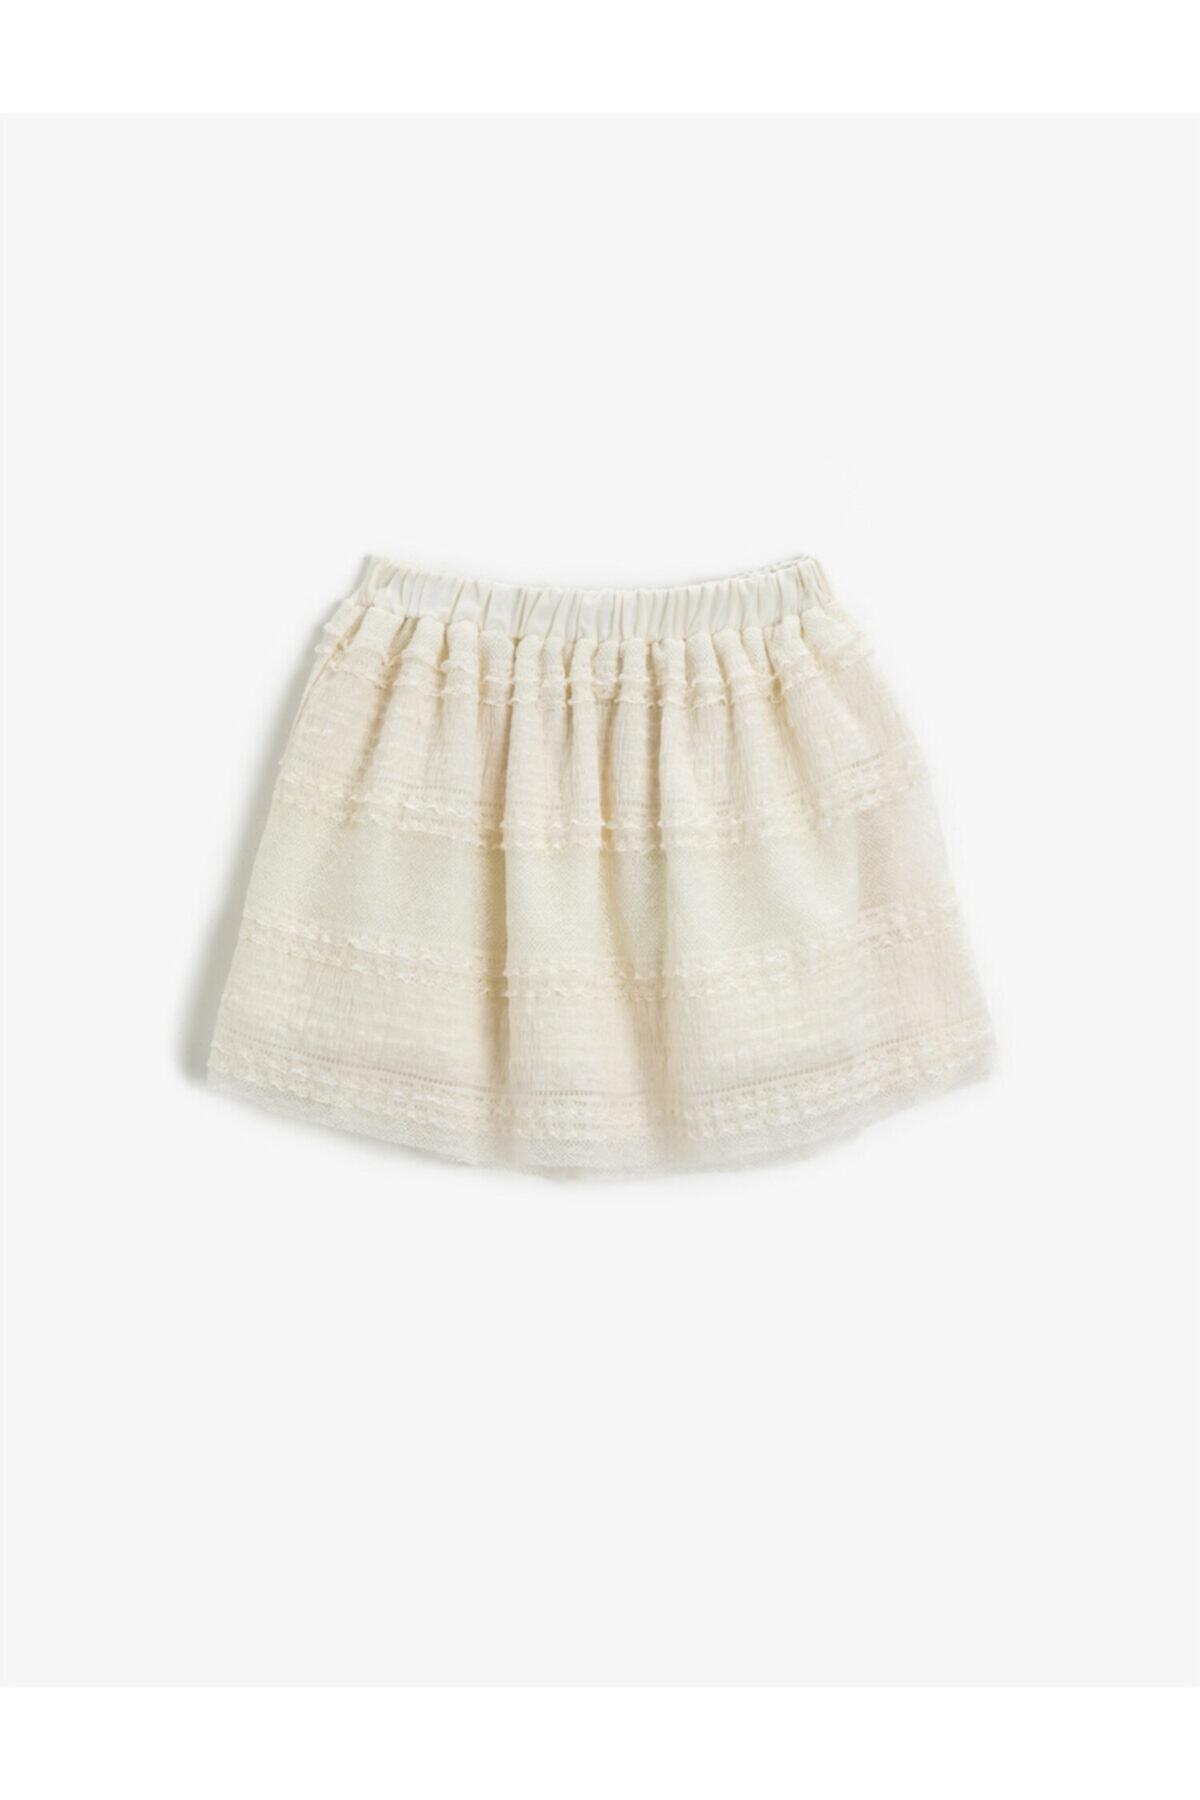 دامن دخترانه ارزان برند کوتون رنگ بژ کد ty100196135